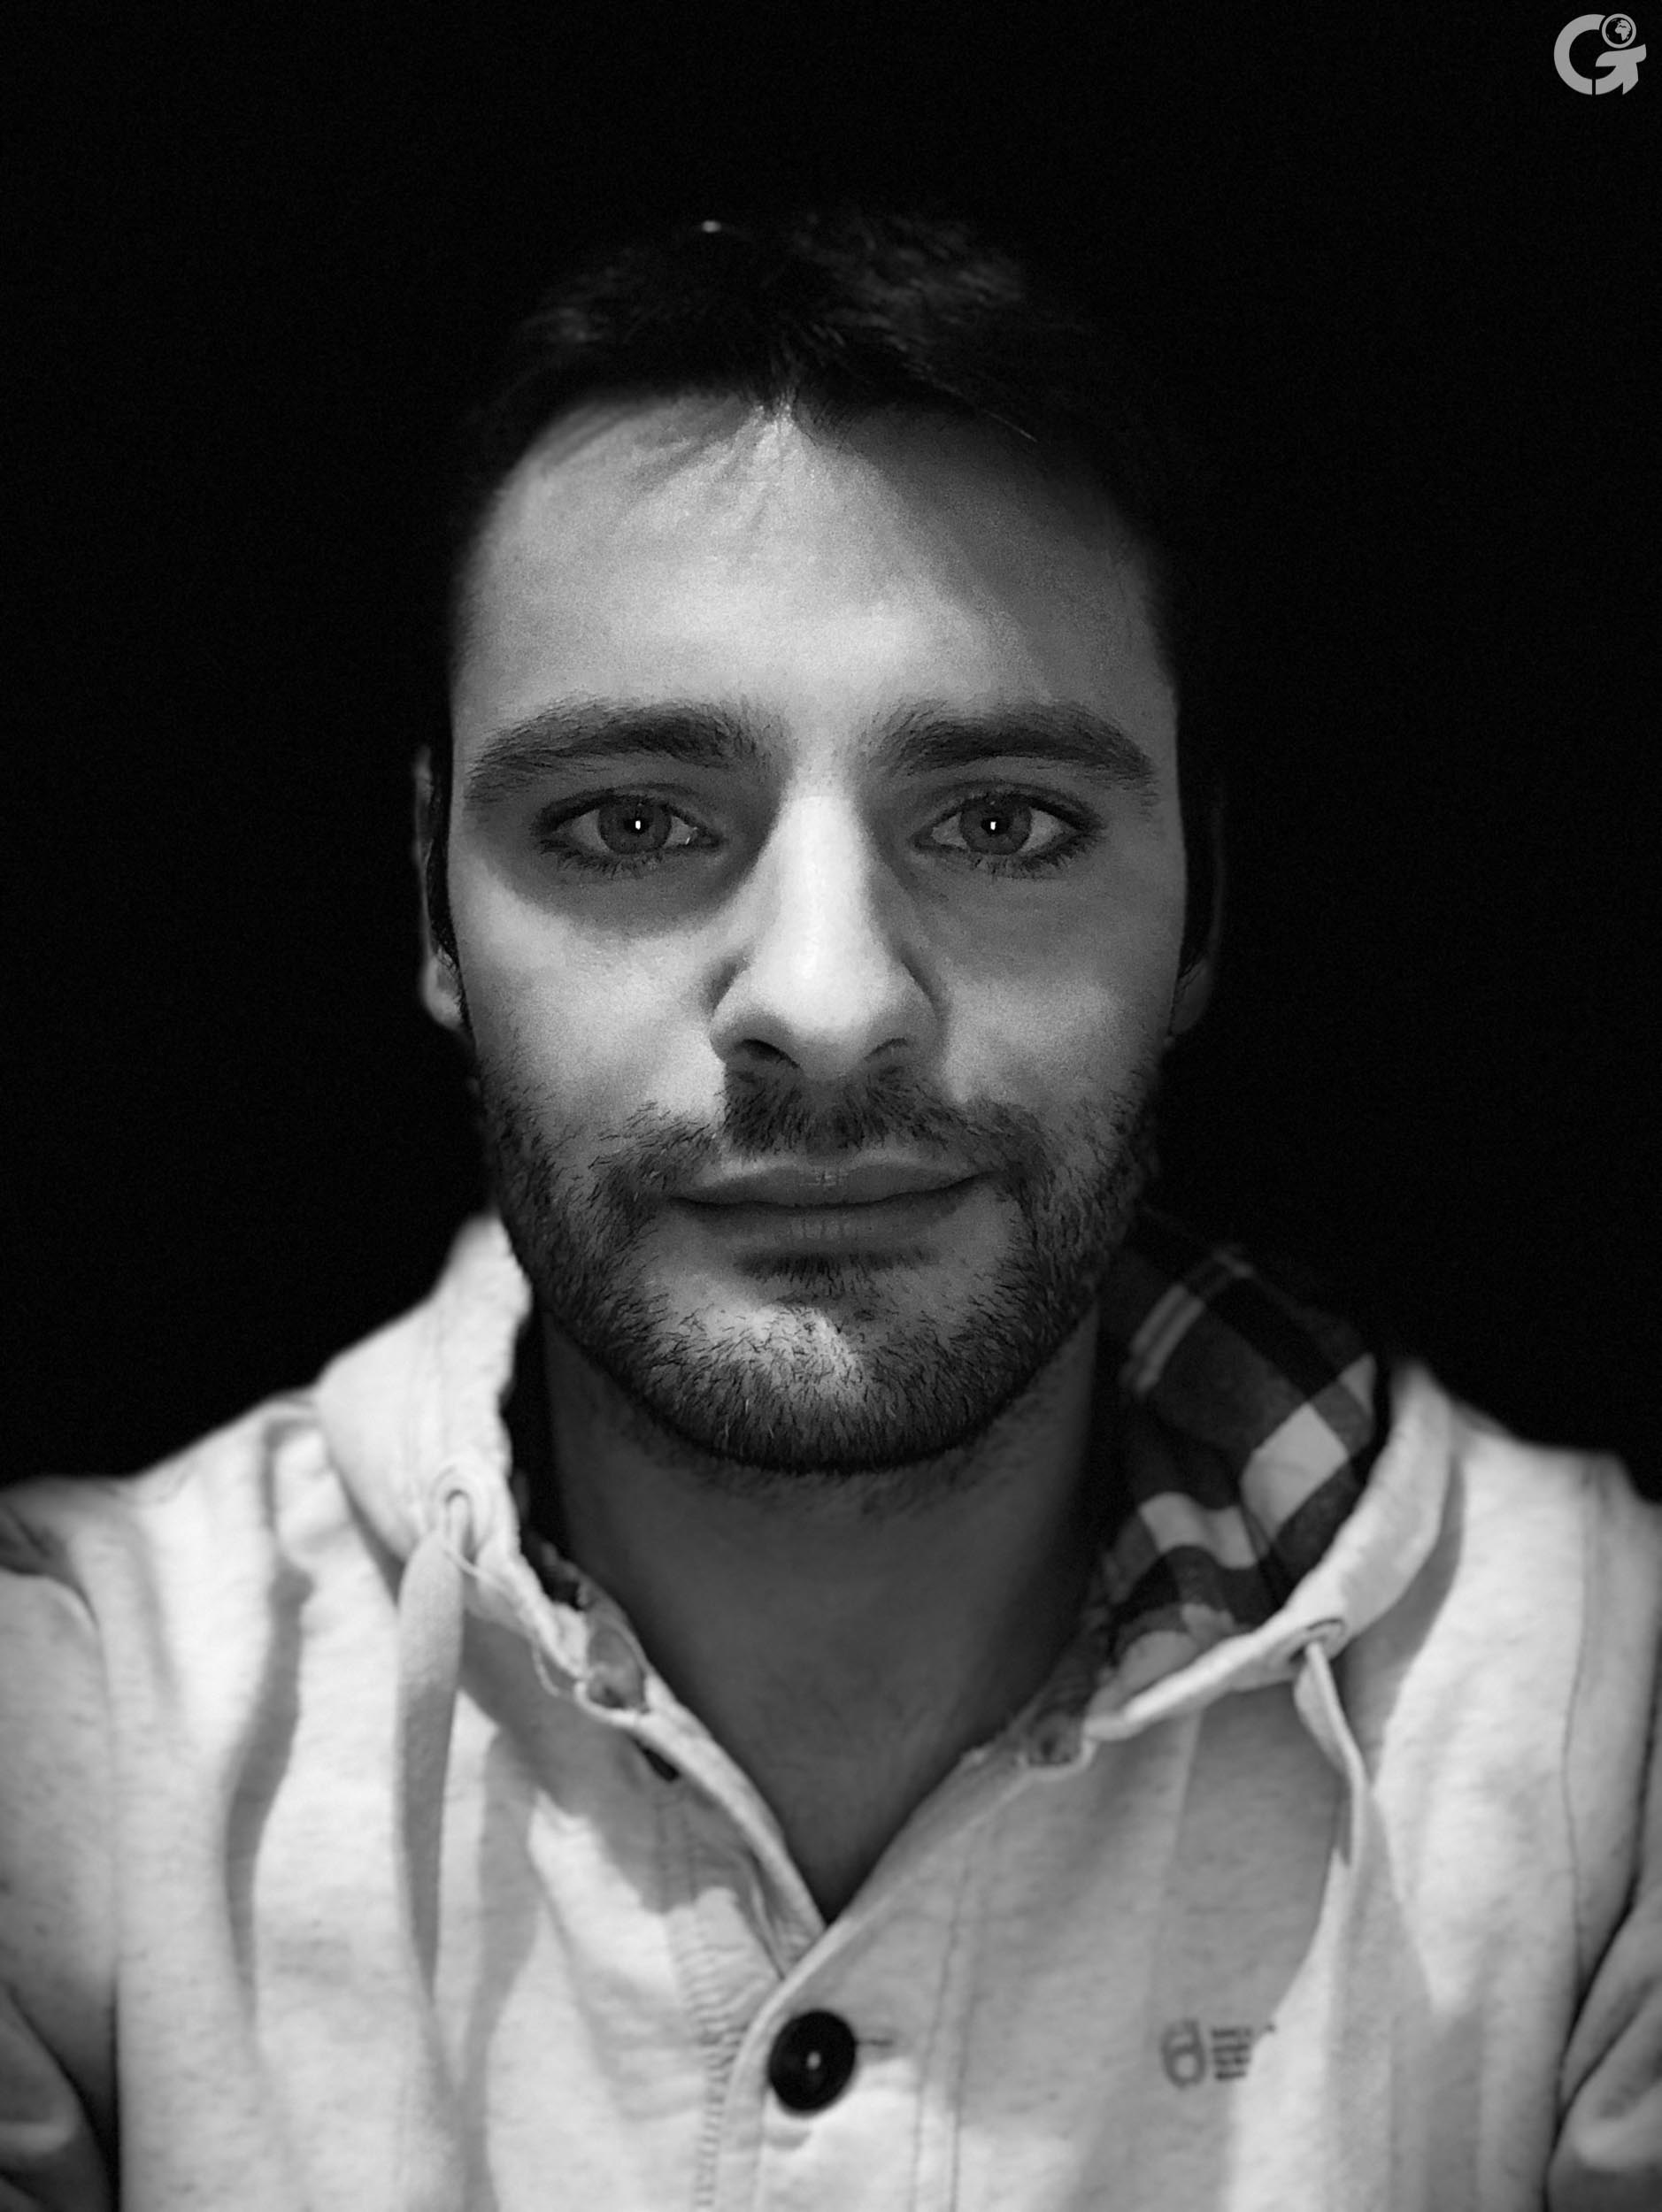 Exemple de photo prise avec le mode portrait de l'iPhone X